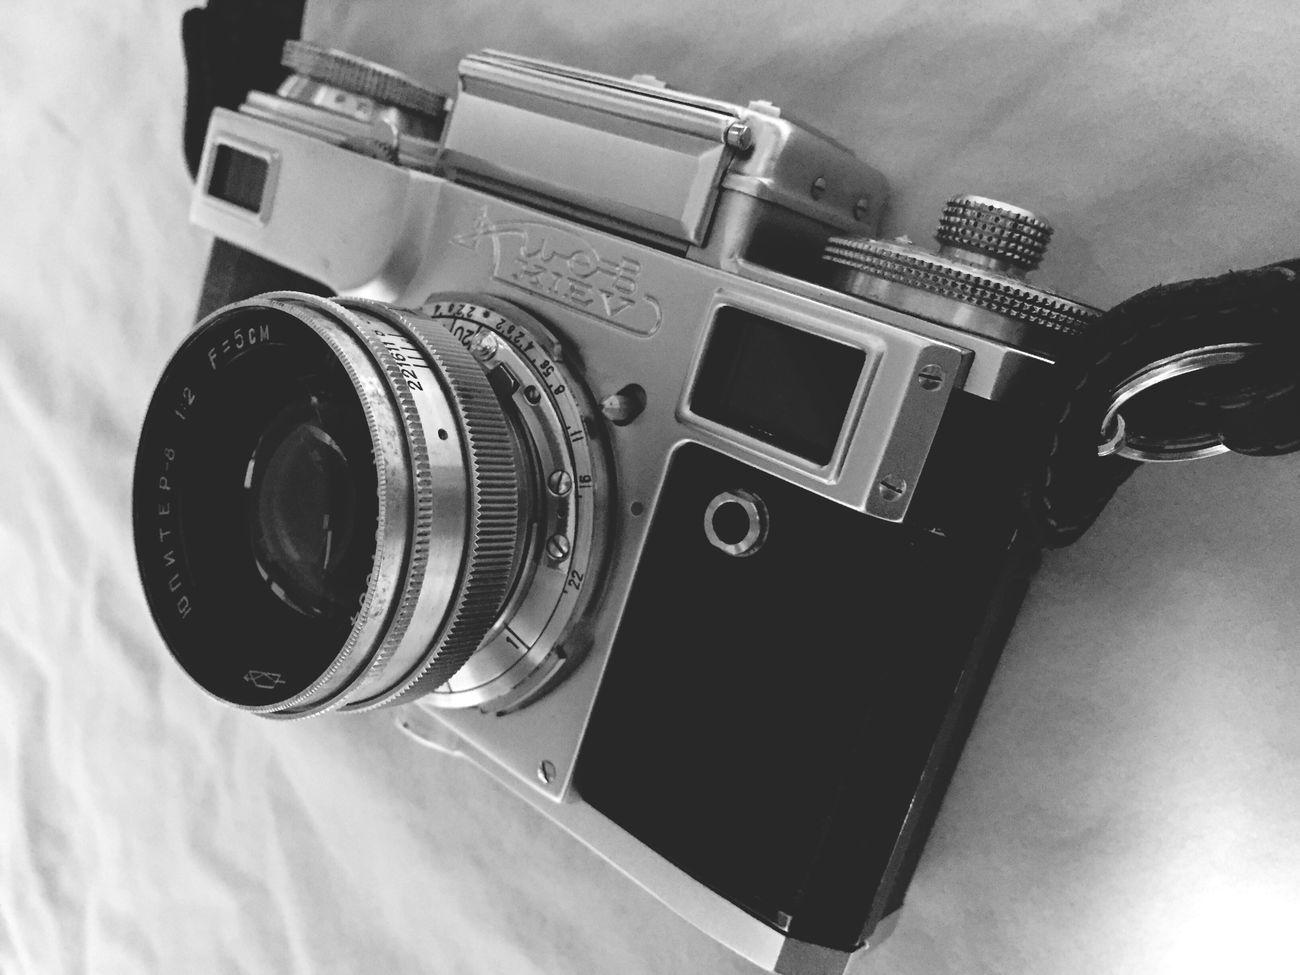 My Camera キエフ ロシアカメラのキエフといいます。contaxのコピー(末裔)です。コピー品といえど安っぽくないです…いつ壊れるかは心配ですけどね。最近の携帯は撮ったらすぐ白黒にできて便利ですね〜